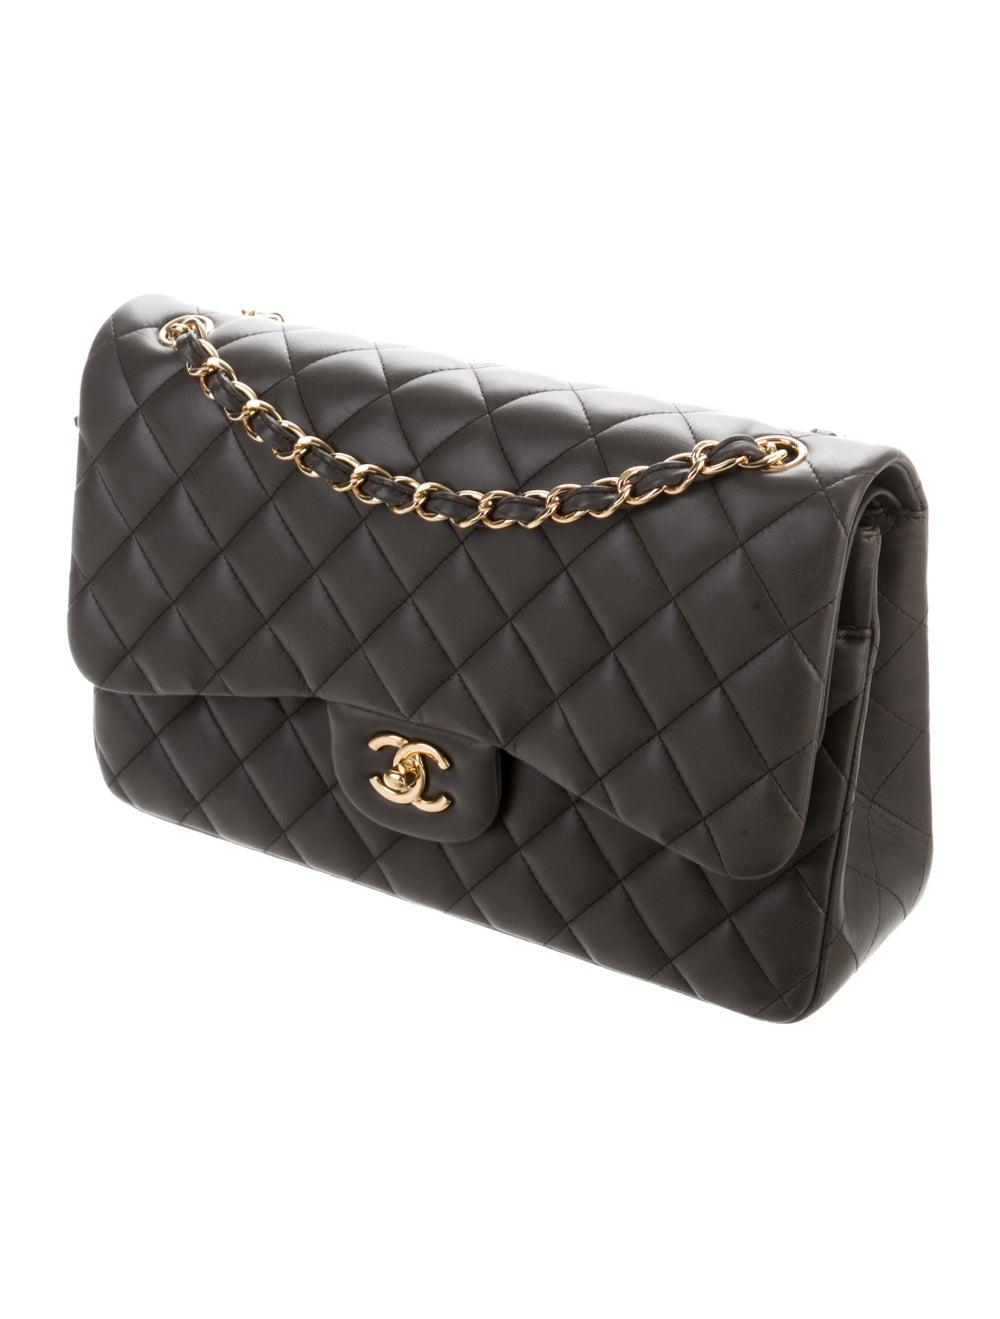 Chanel Classic Jumbo Double Flap Bag Grey - image 3